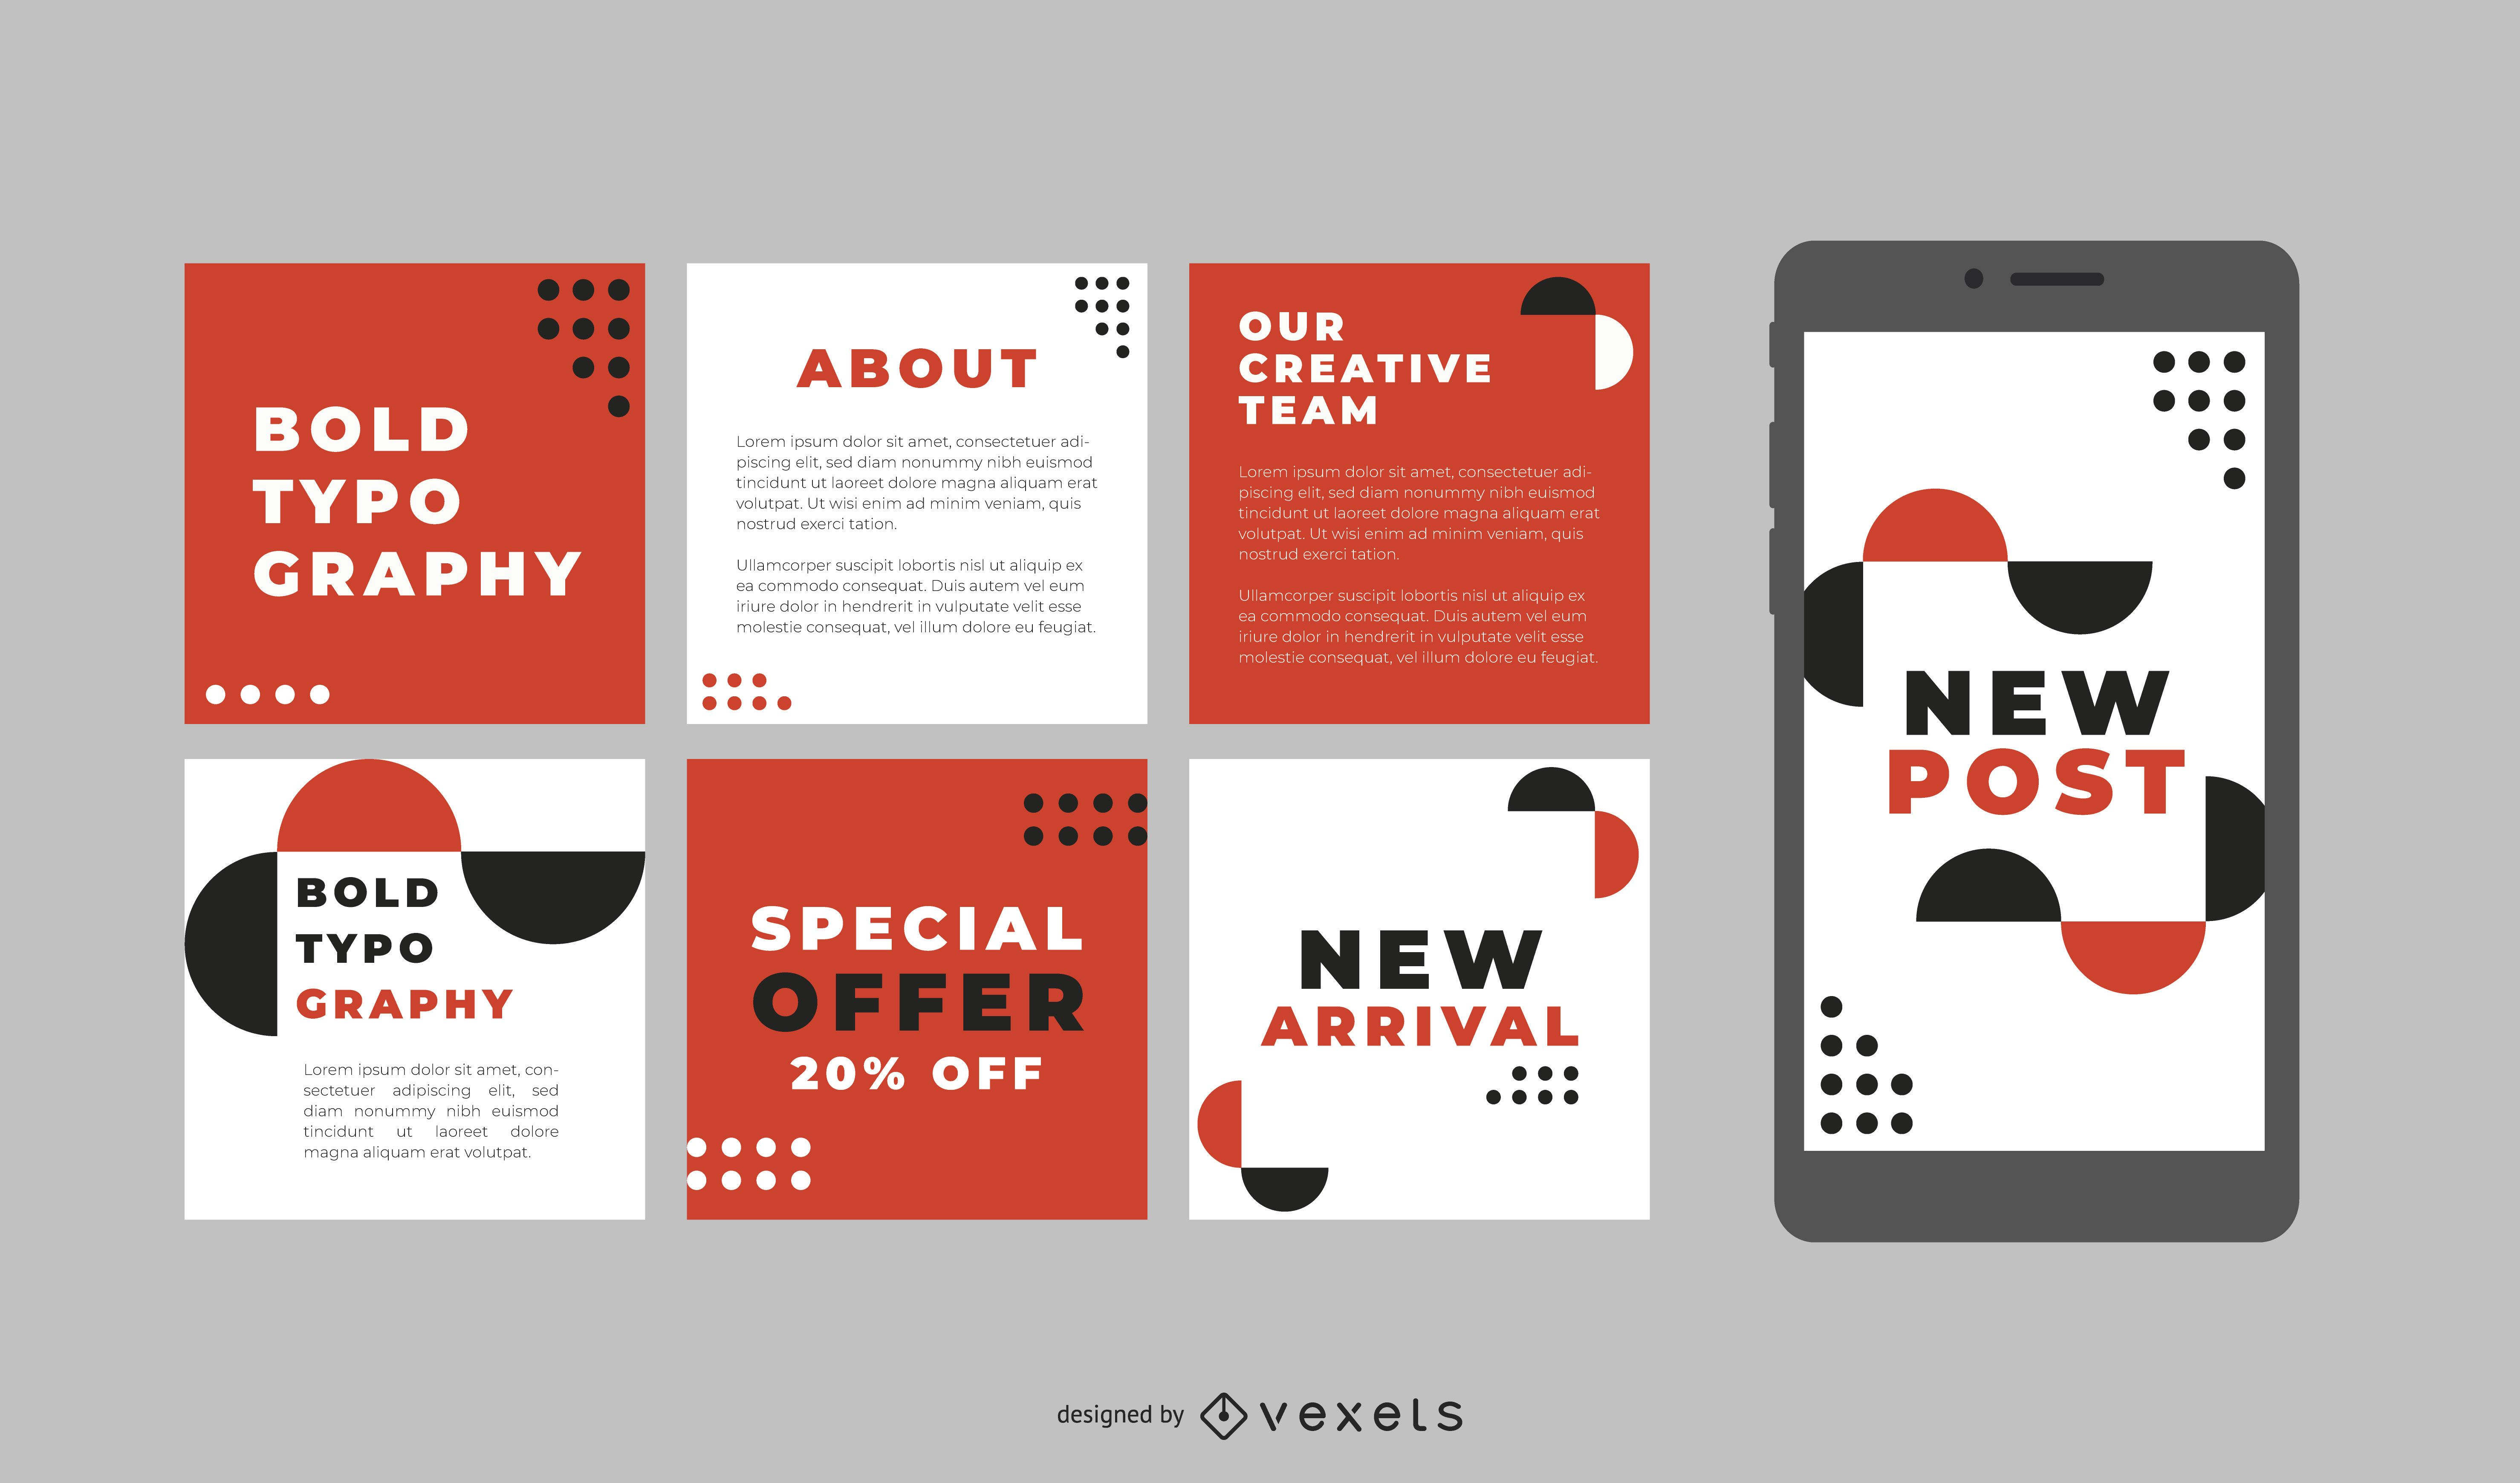 Publicaciones en redes sociales con tipografía atrevida